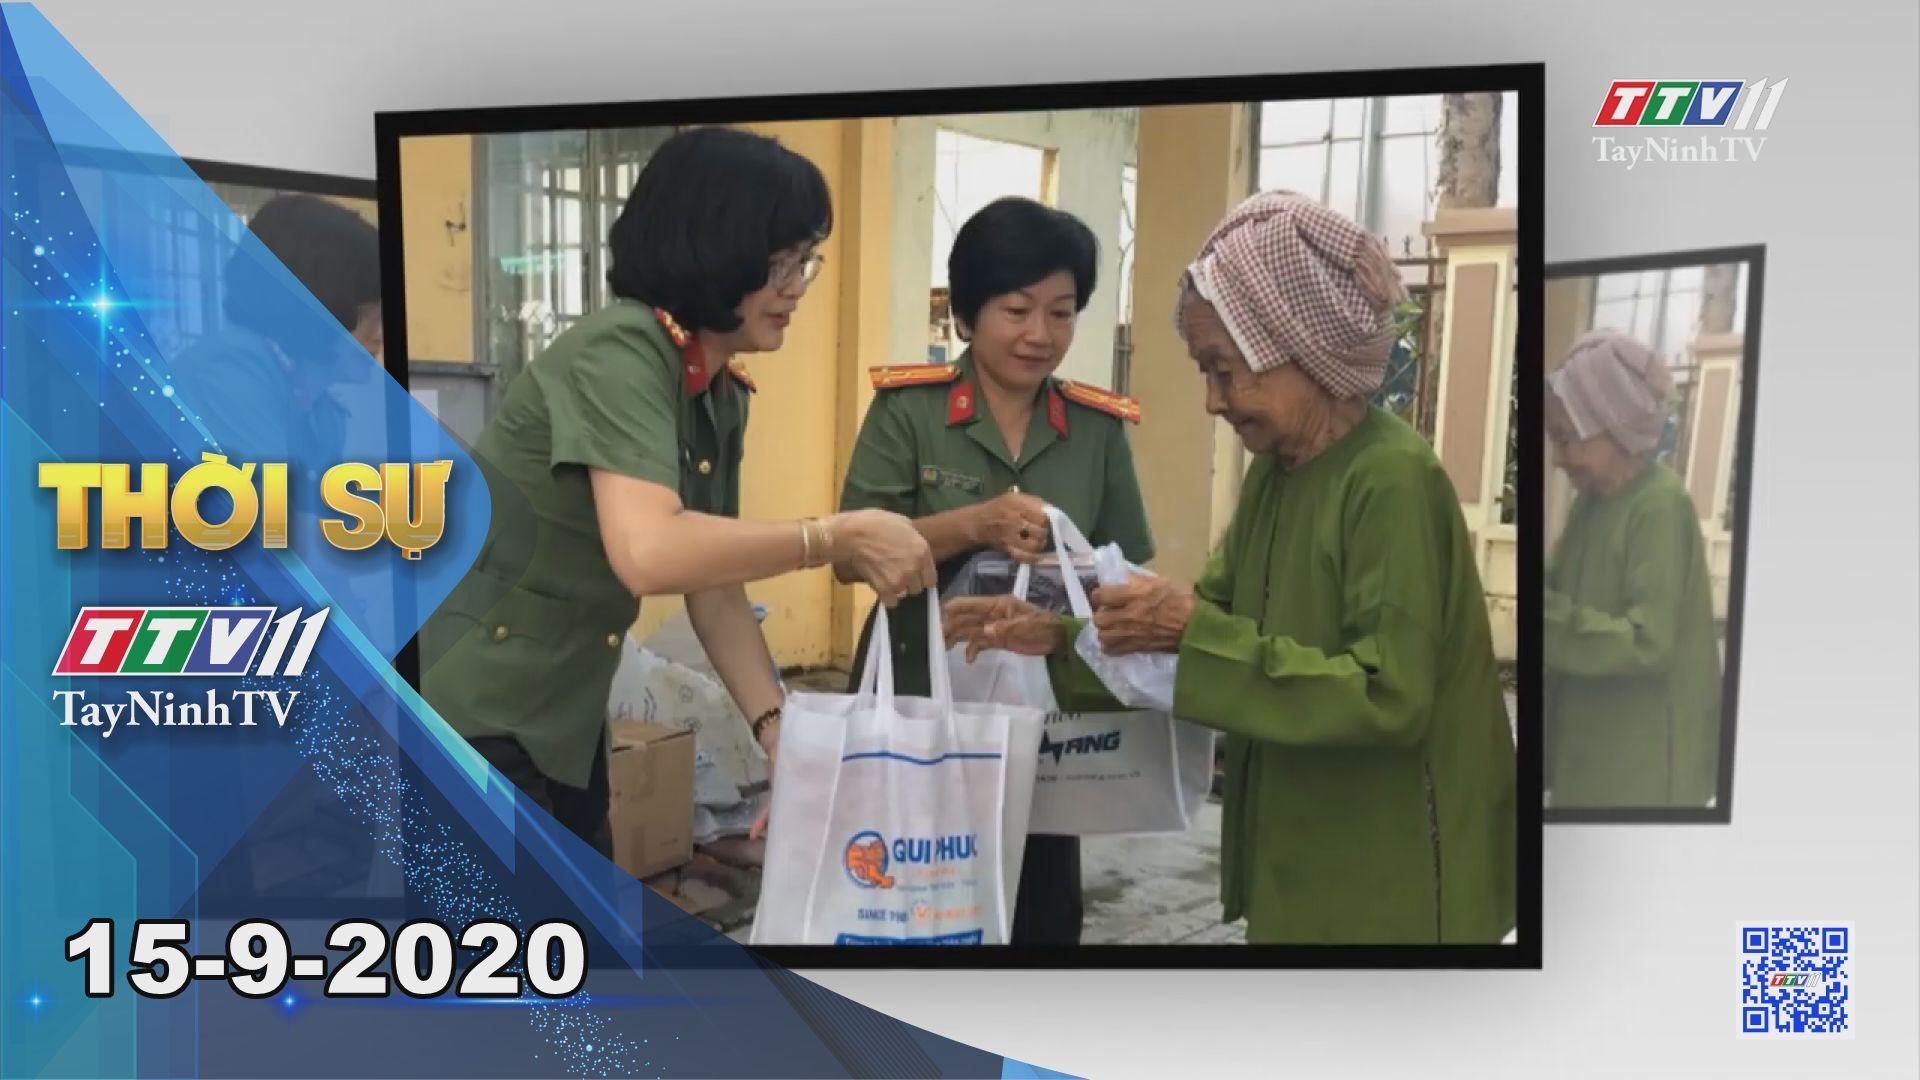 Thời sự Tây Ninh 15-9-2020 | Tin tức hôm nay | TayNinhTV